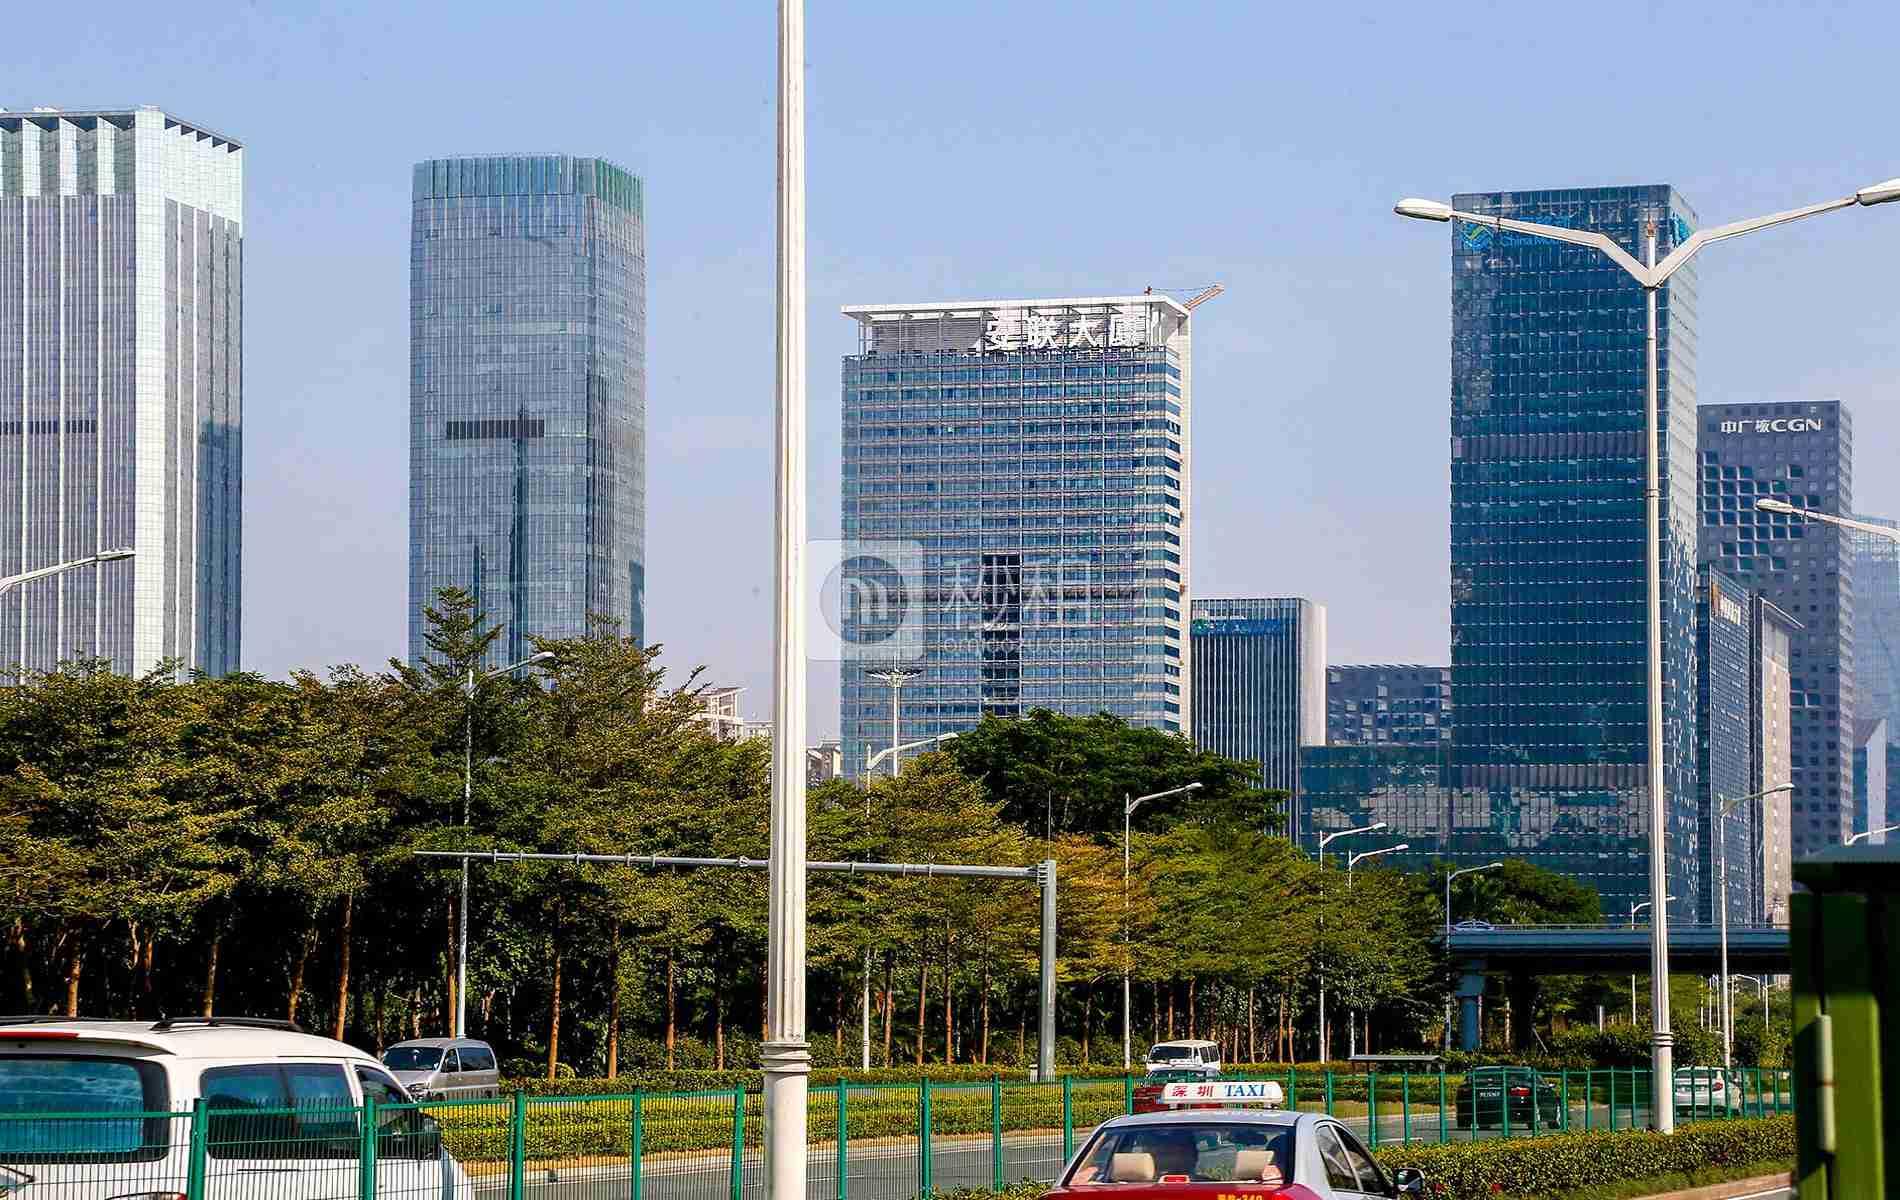 安联大厦写字楼出租/招租/租赁,安联大厦办公室出租/招租/租赁